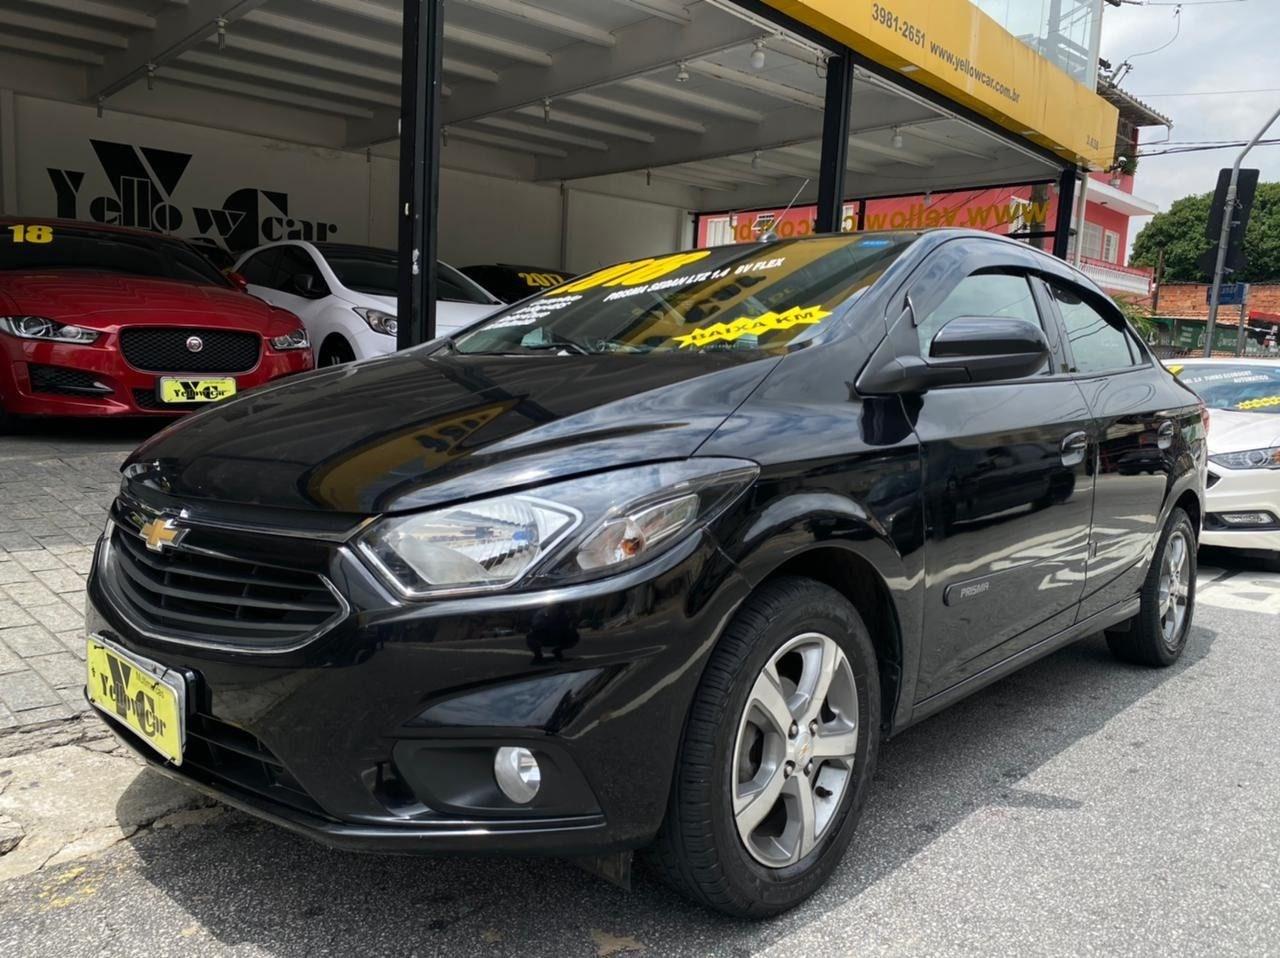 //www.autoline.com.br/carro/chevrolet/prisma-14-ltz-8v-flex-4p-manual/2018/sao-paulo-sp/14013227